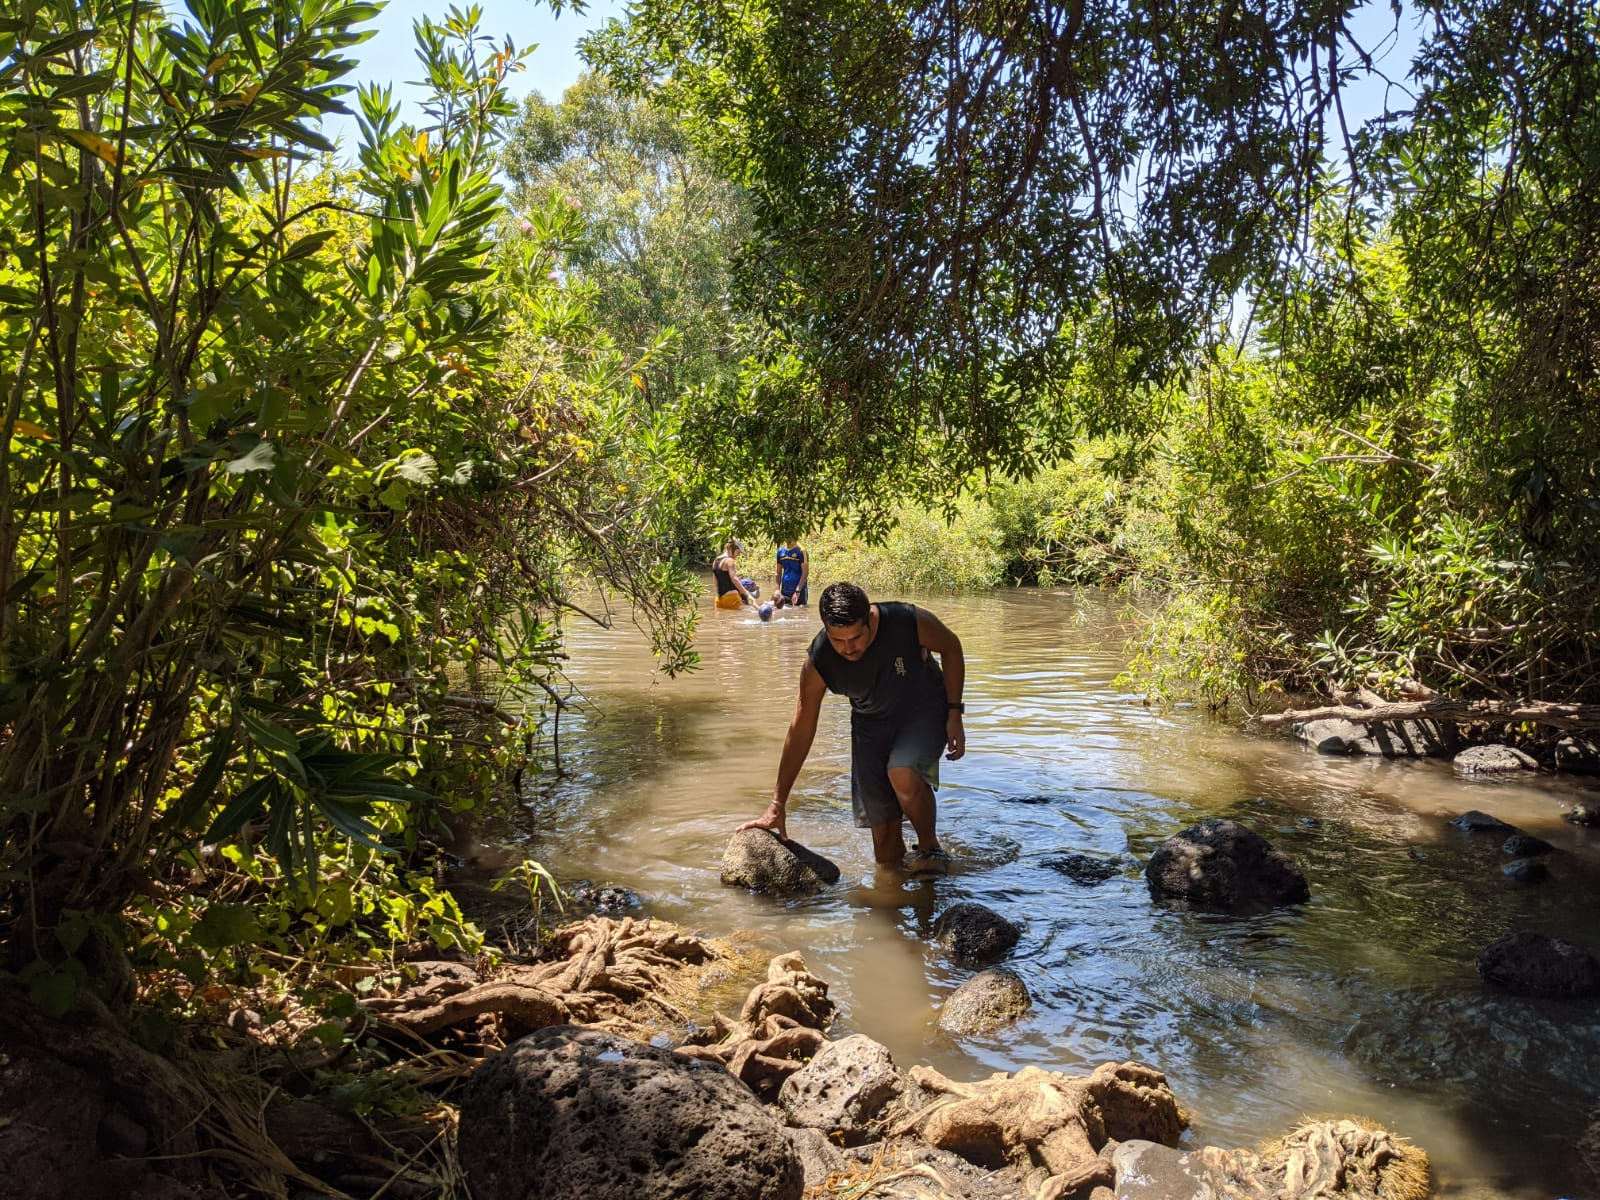 הזאכי: טיול מים משפחתי בערוץ הזאכי בשמורת המג'רסההזאכי: טיול מים משפחתי בערוץ הזאכי בשמורת המג'רסה